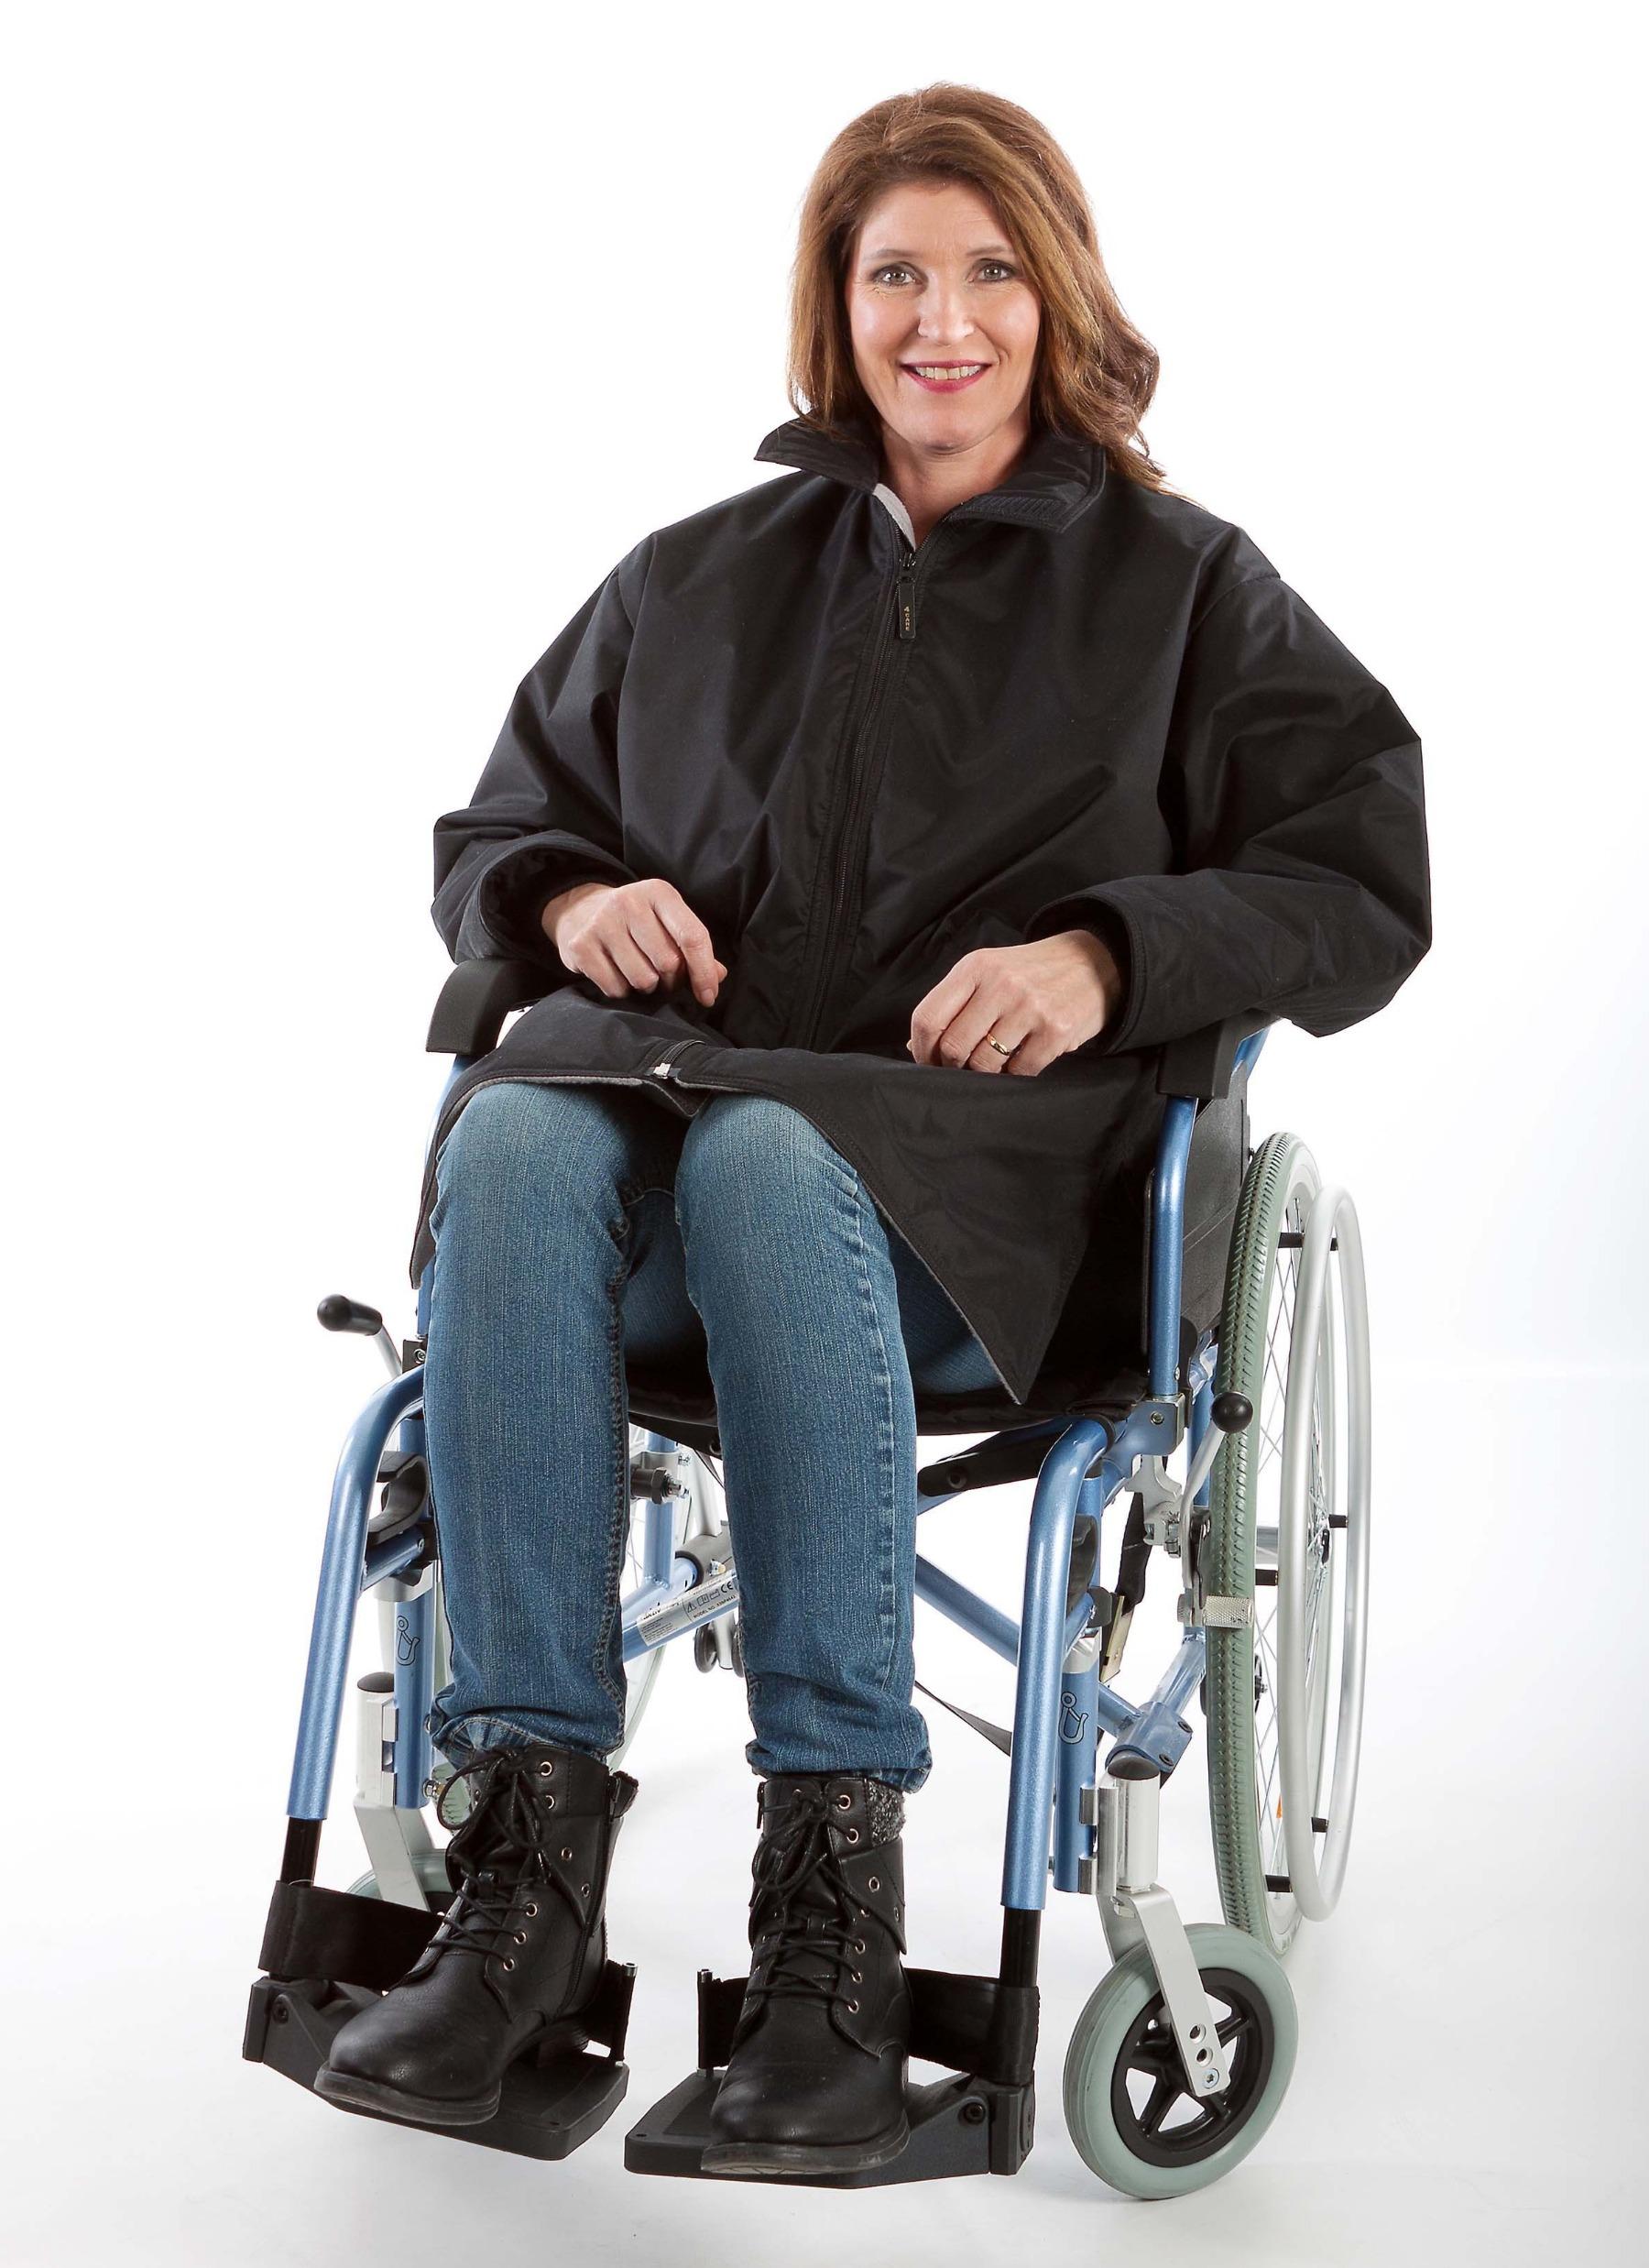 Rolstoeljas winter rolstoelkleding ZorgMode 7329 450